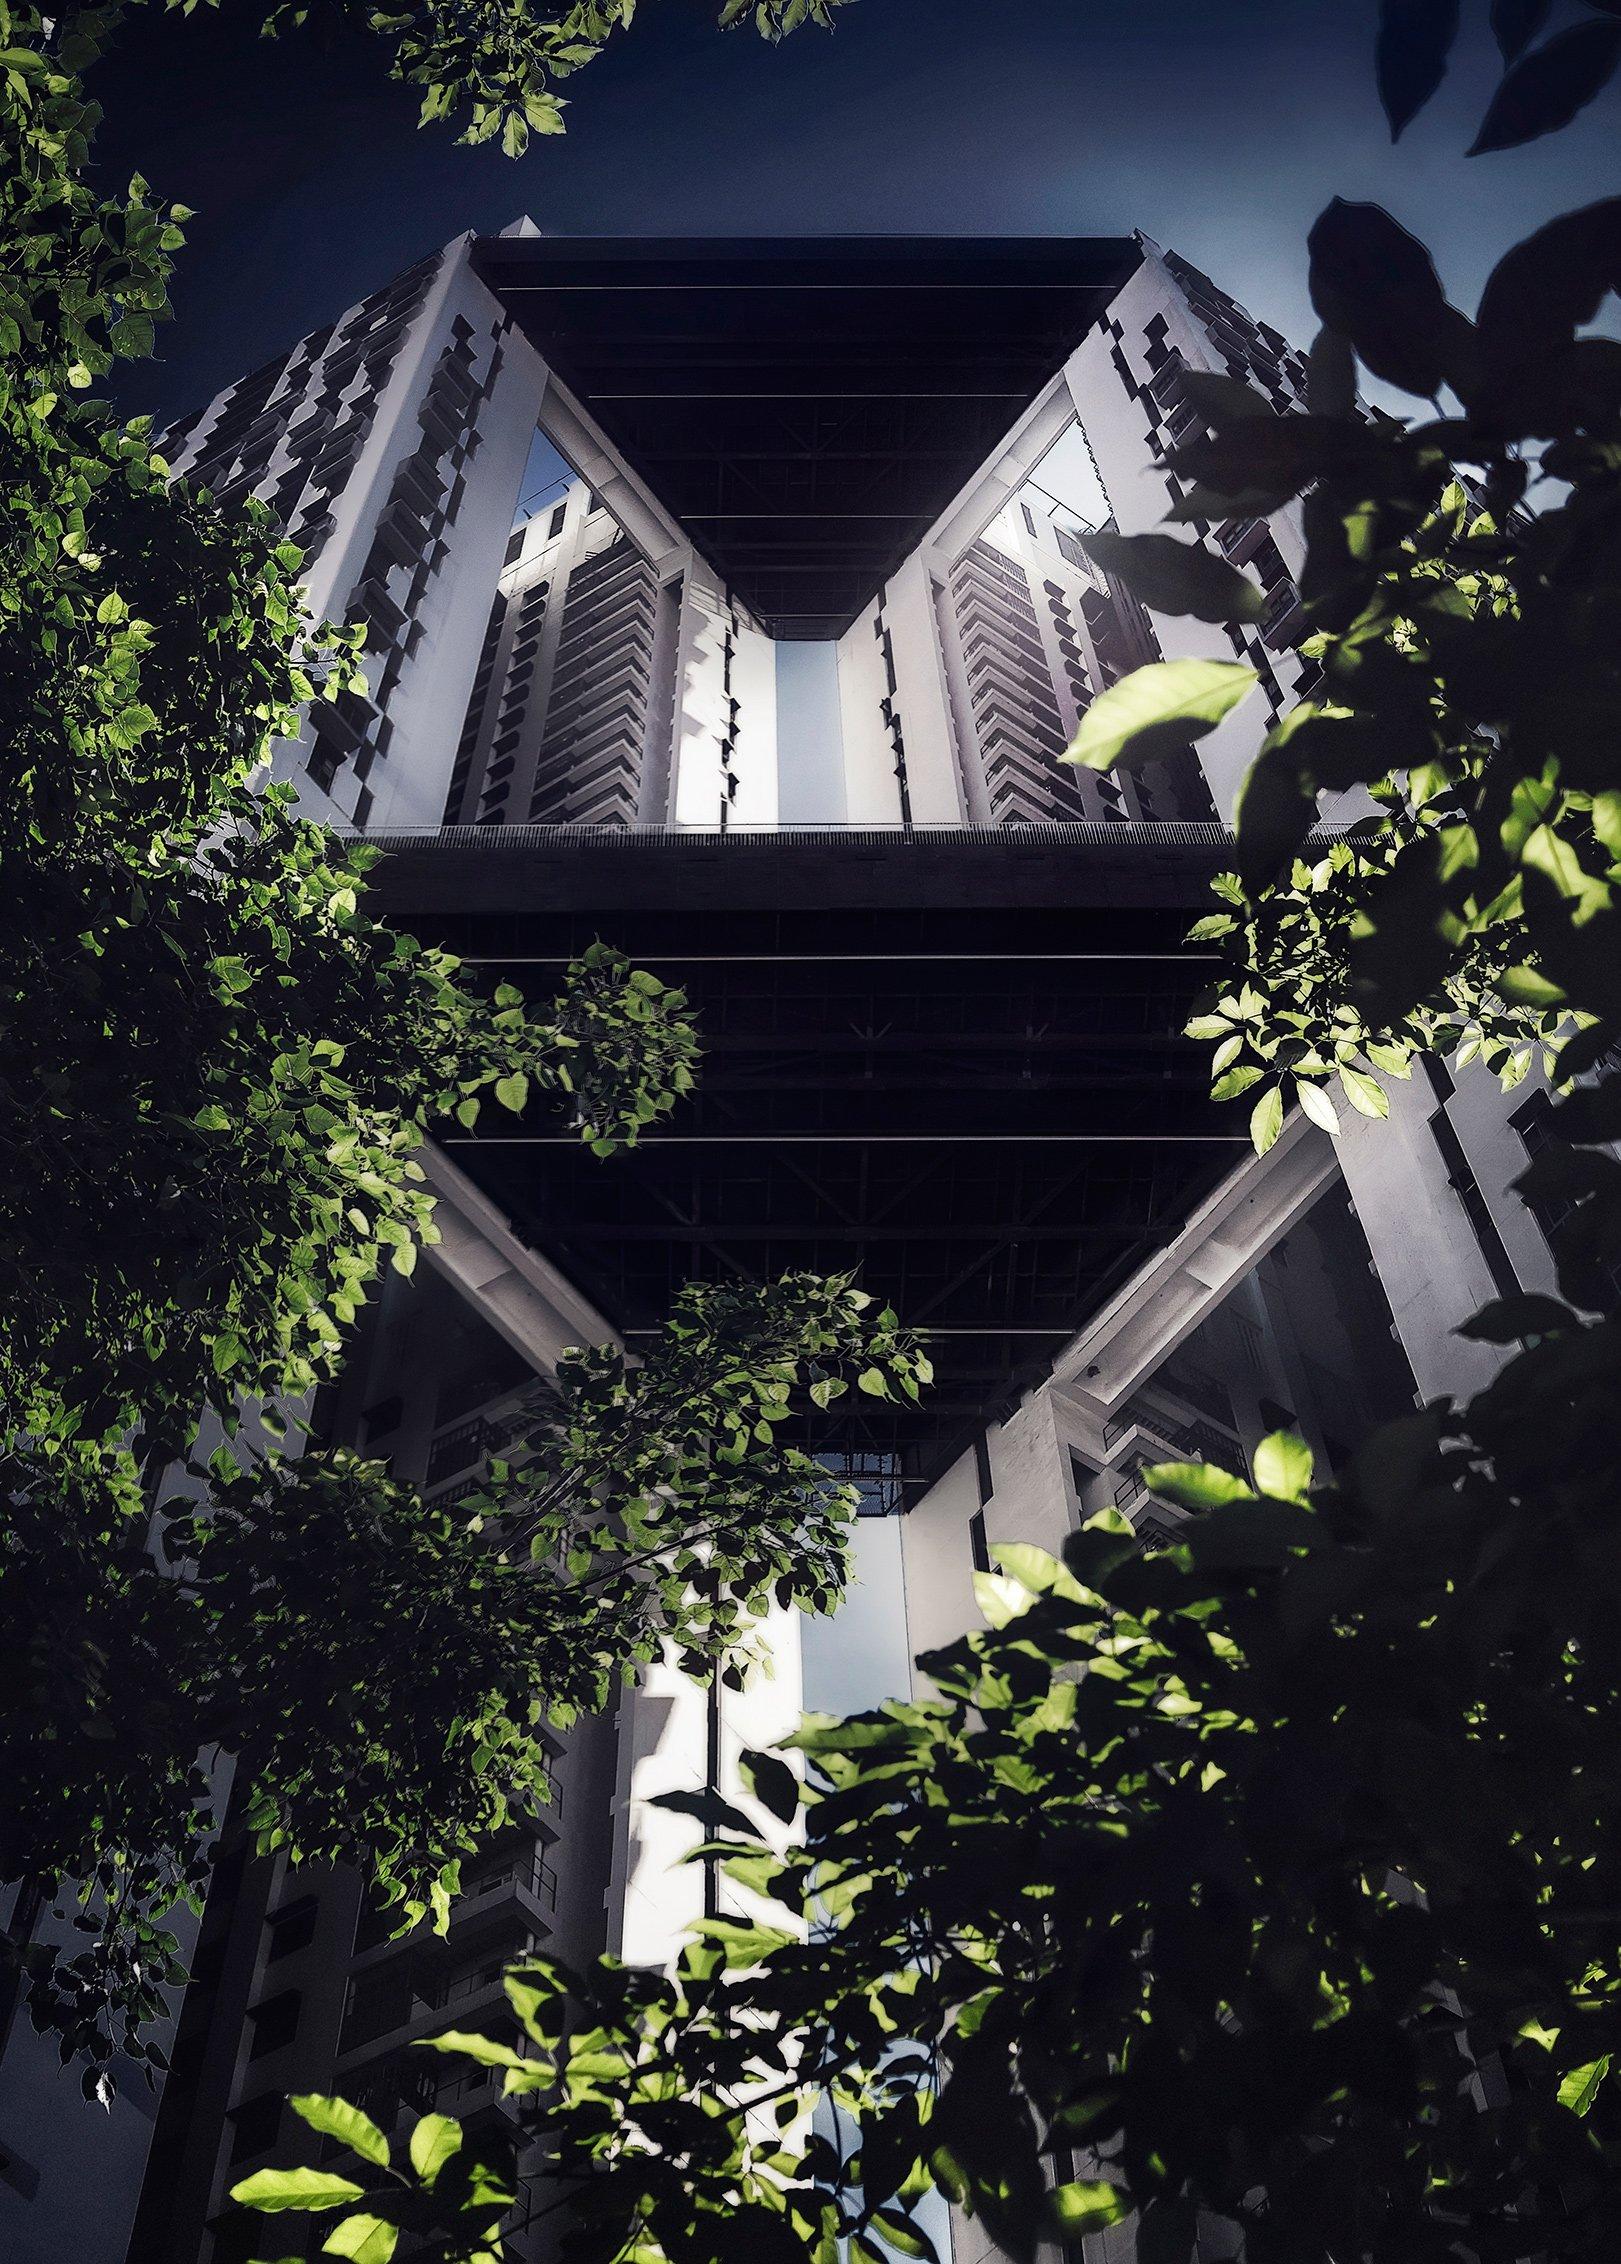 город, архитектура, высотка, небоскреб, геометрия, сингапур, азия, мегаполис , Алексей Ермаков